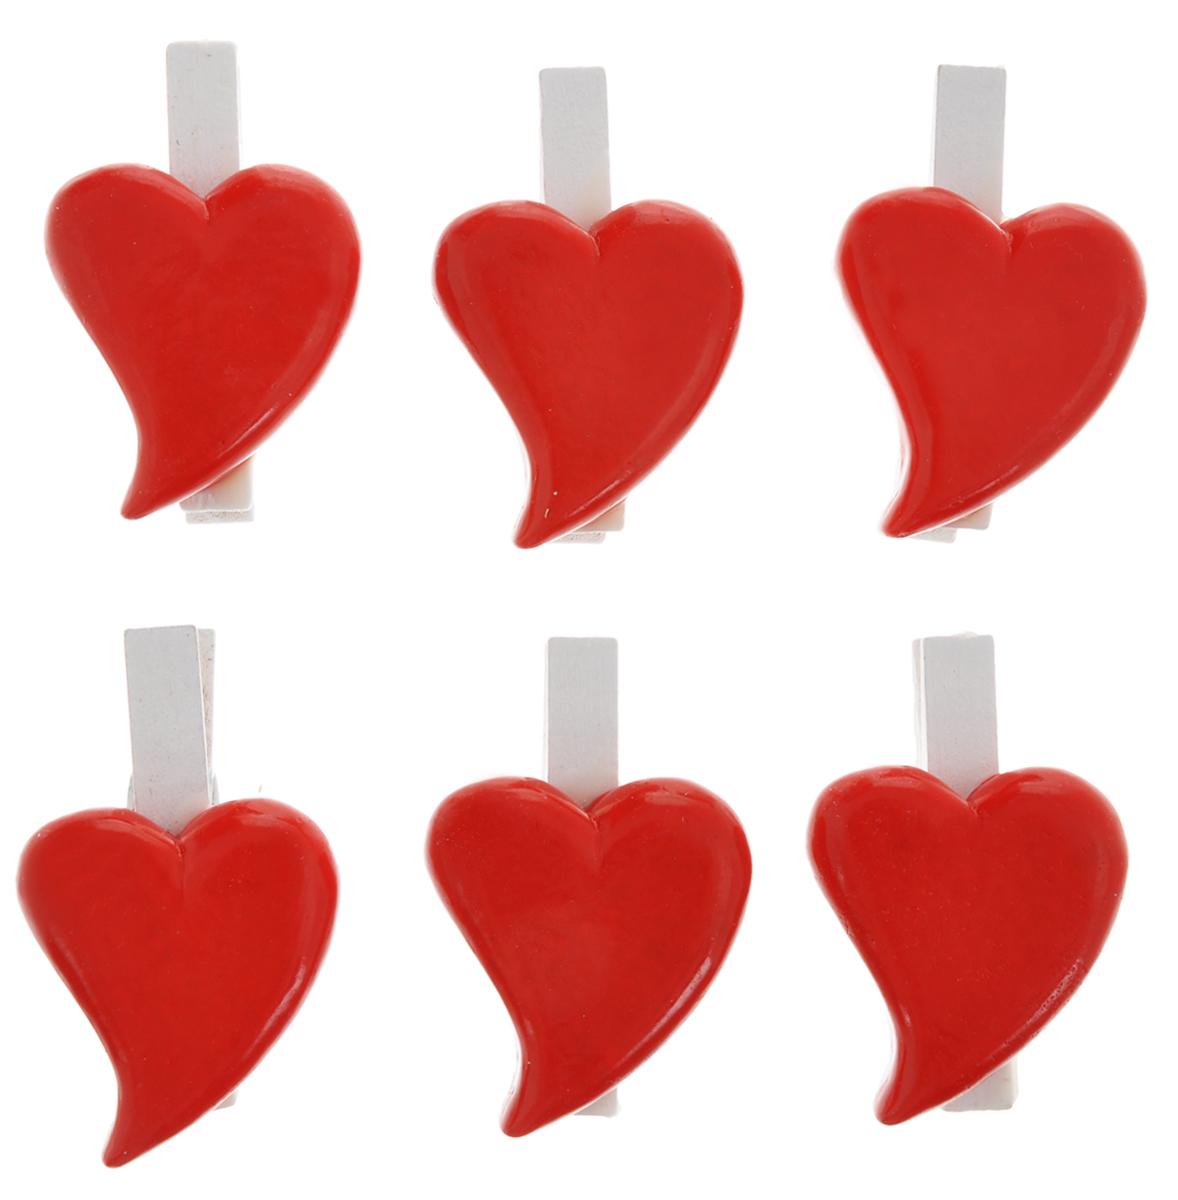 Набор декоративных прищепок Феникс-презент Влюбленные сердечки, 6 шт36936Набор Феникс-презент Влюбленные сердечки состоит из 6 декоративных прищепок, выполненных из дерева. Прищепки оформлены фигурками из полирезины в виде сердец. Изделия используются для развешивания стикеров на веревке и маленьких игрушек, а оригинальность и веселые цвета прищепок будут радовать глаз и поднимут настроение. Такой набор станет прекрасным дополнением к оформлению вашего интерьера. Длина прищепки: 4,5 см. Размер фигурки: 3,5 см х 3 см х 0,7 см.